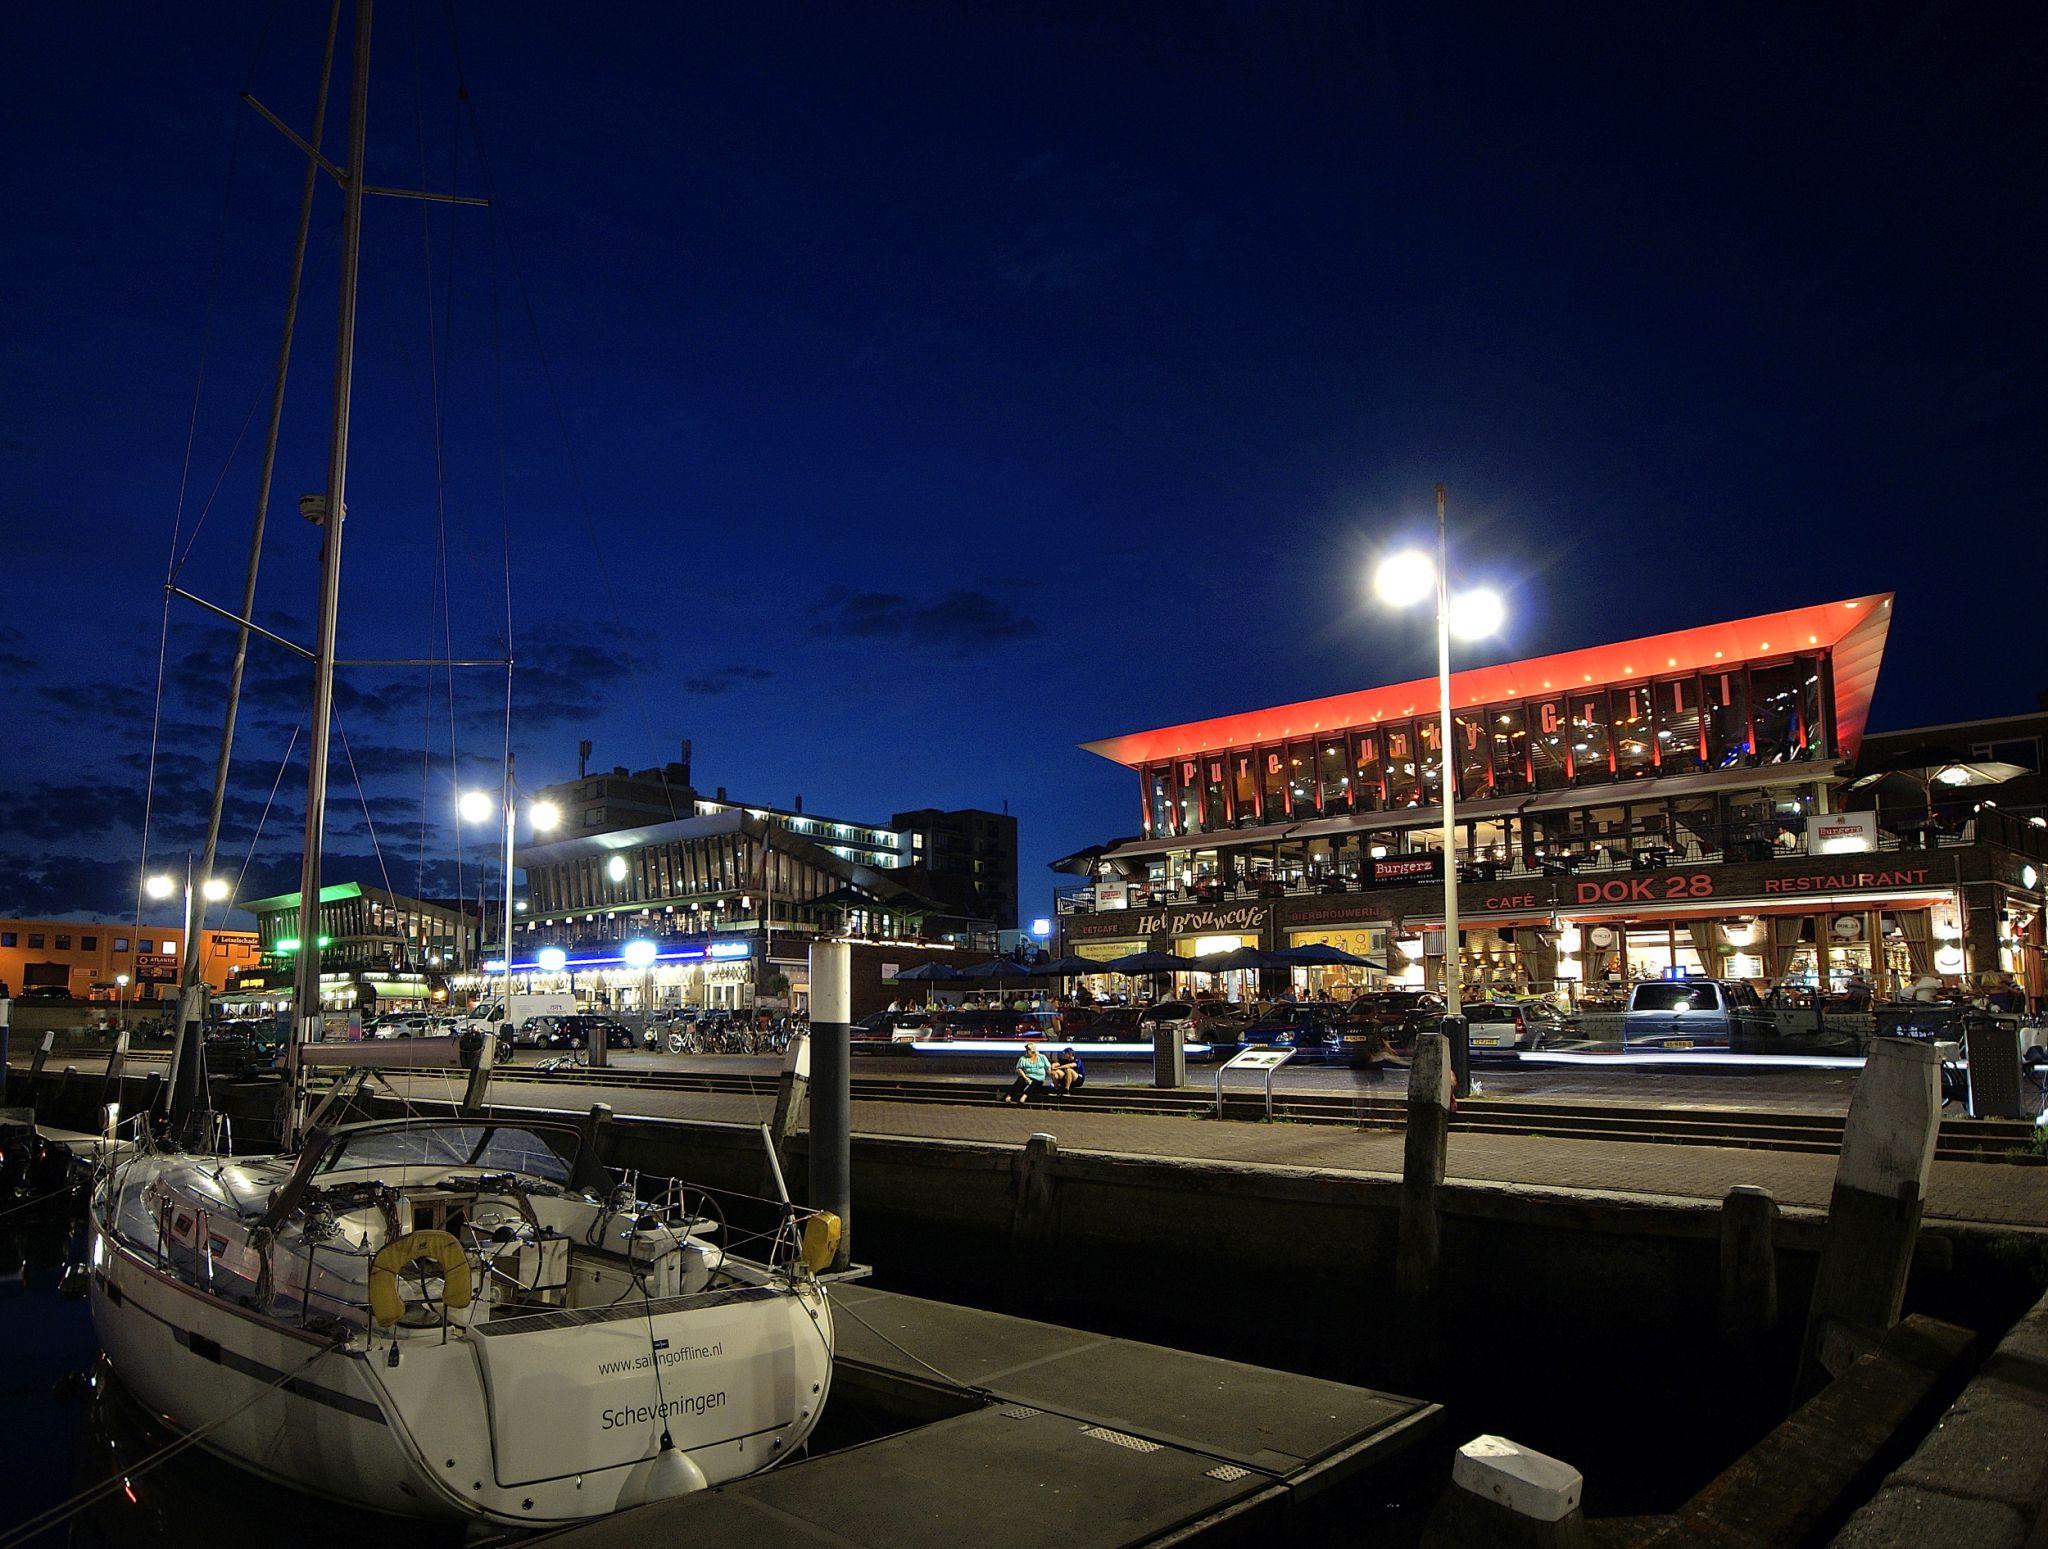 Scheveningen second harbor, Netherlands